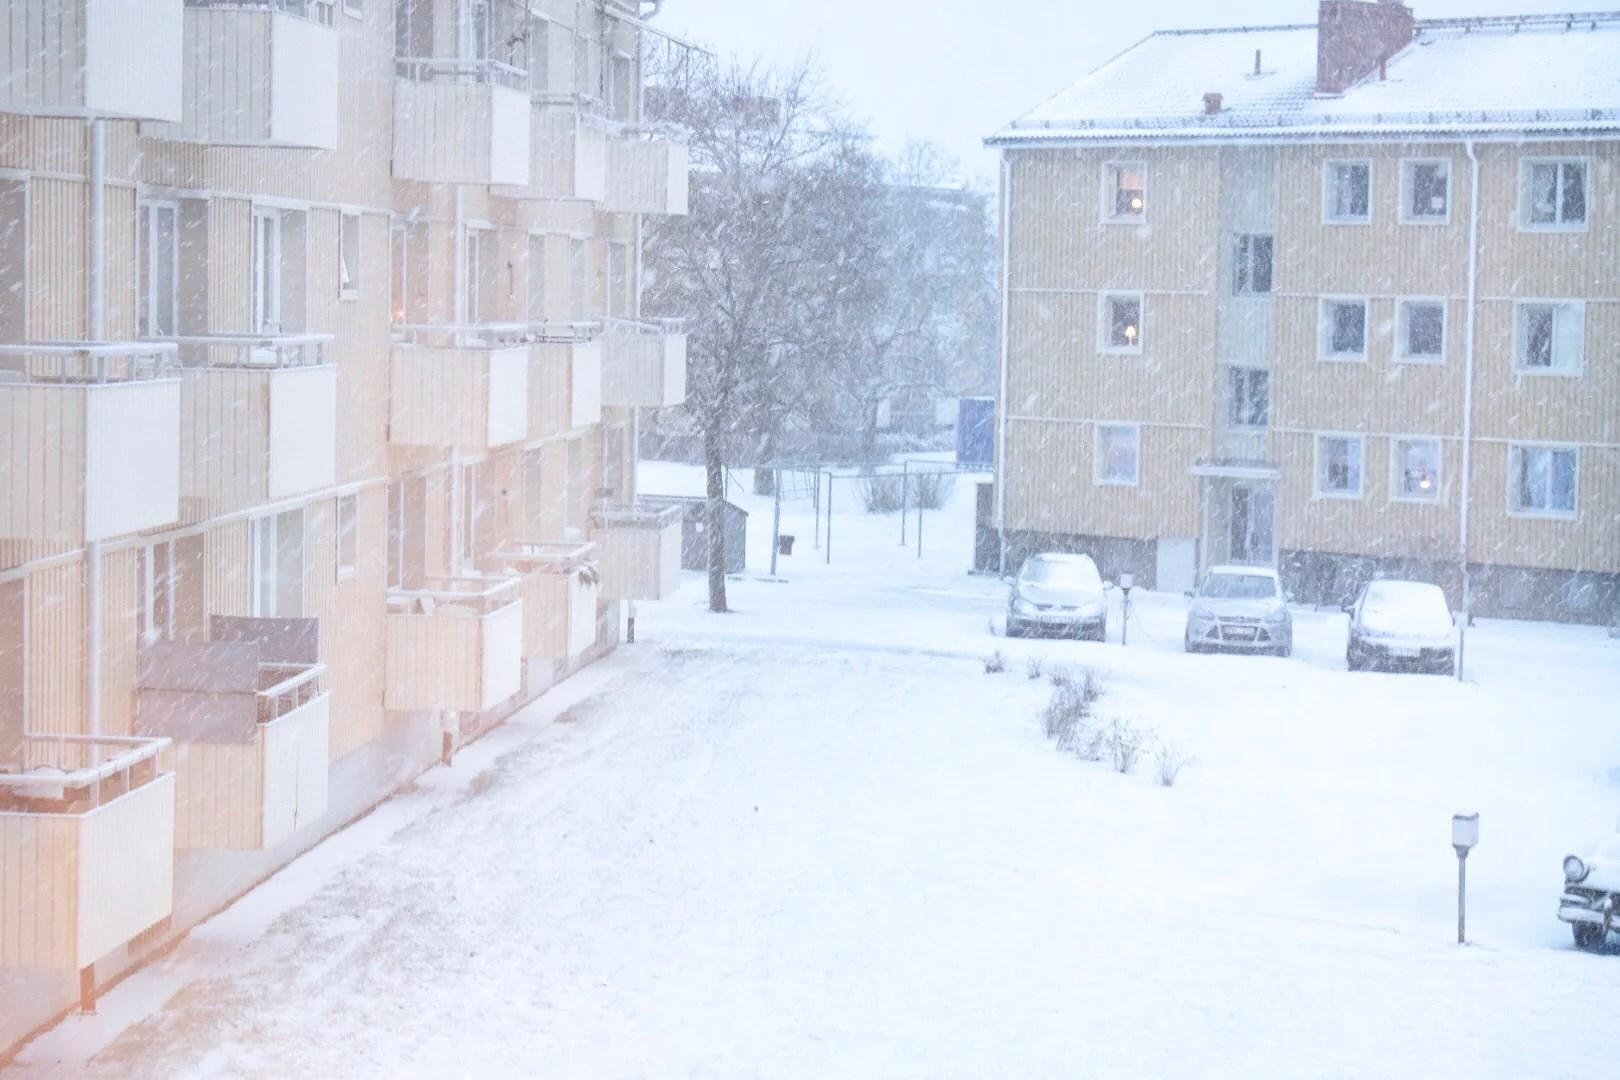 Snö, snö, snö och utmattning